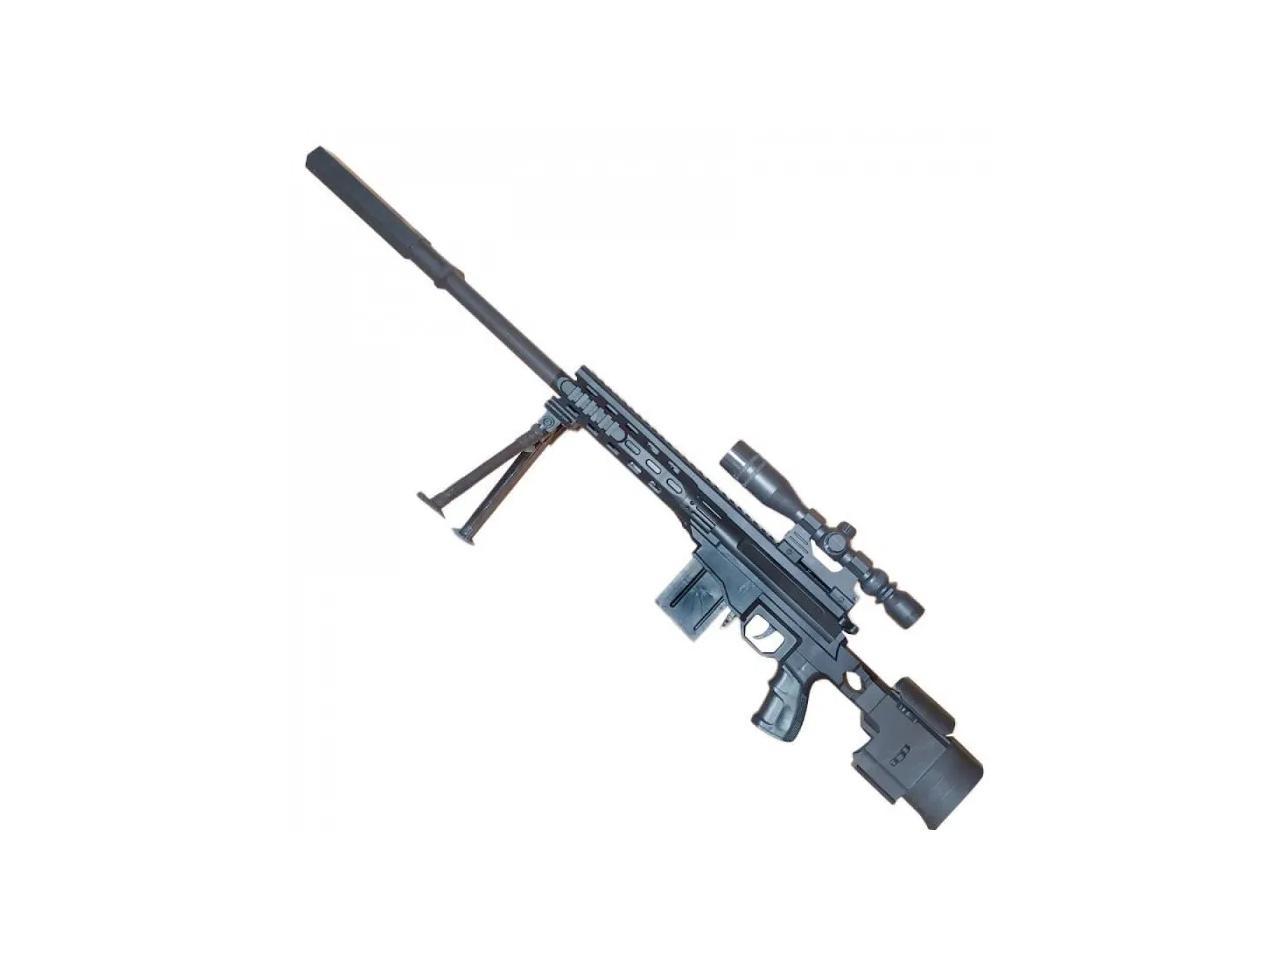 Детская снайперская пневматическая винтовка стреляет пластиковыми пульками 6 мм модель:NO.646-2 - фото 2